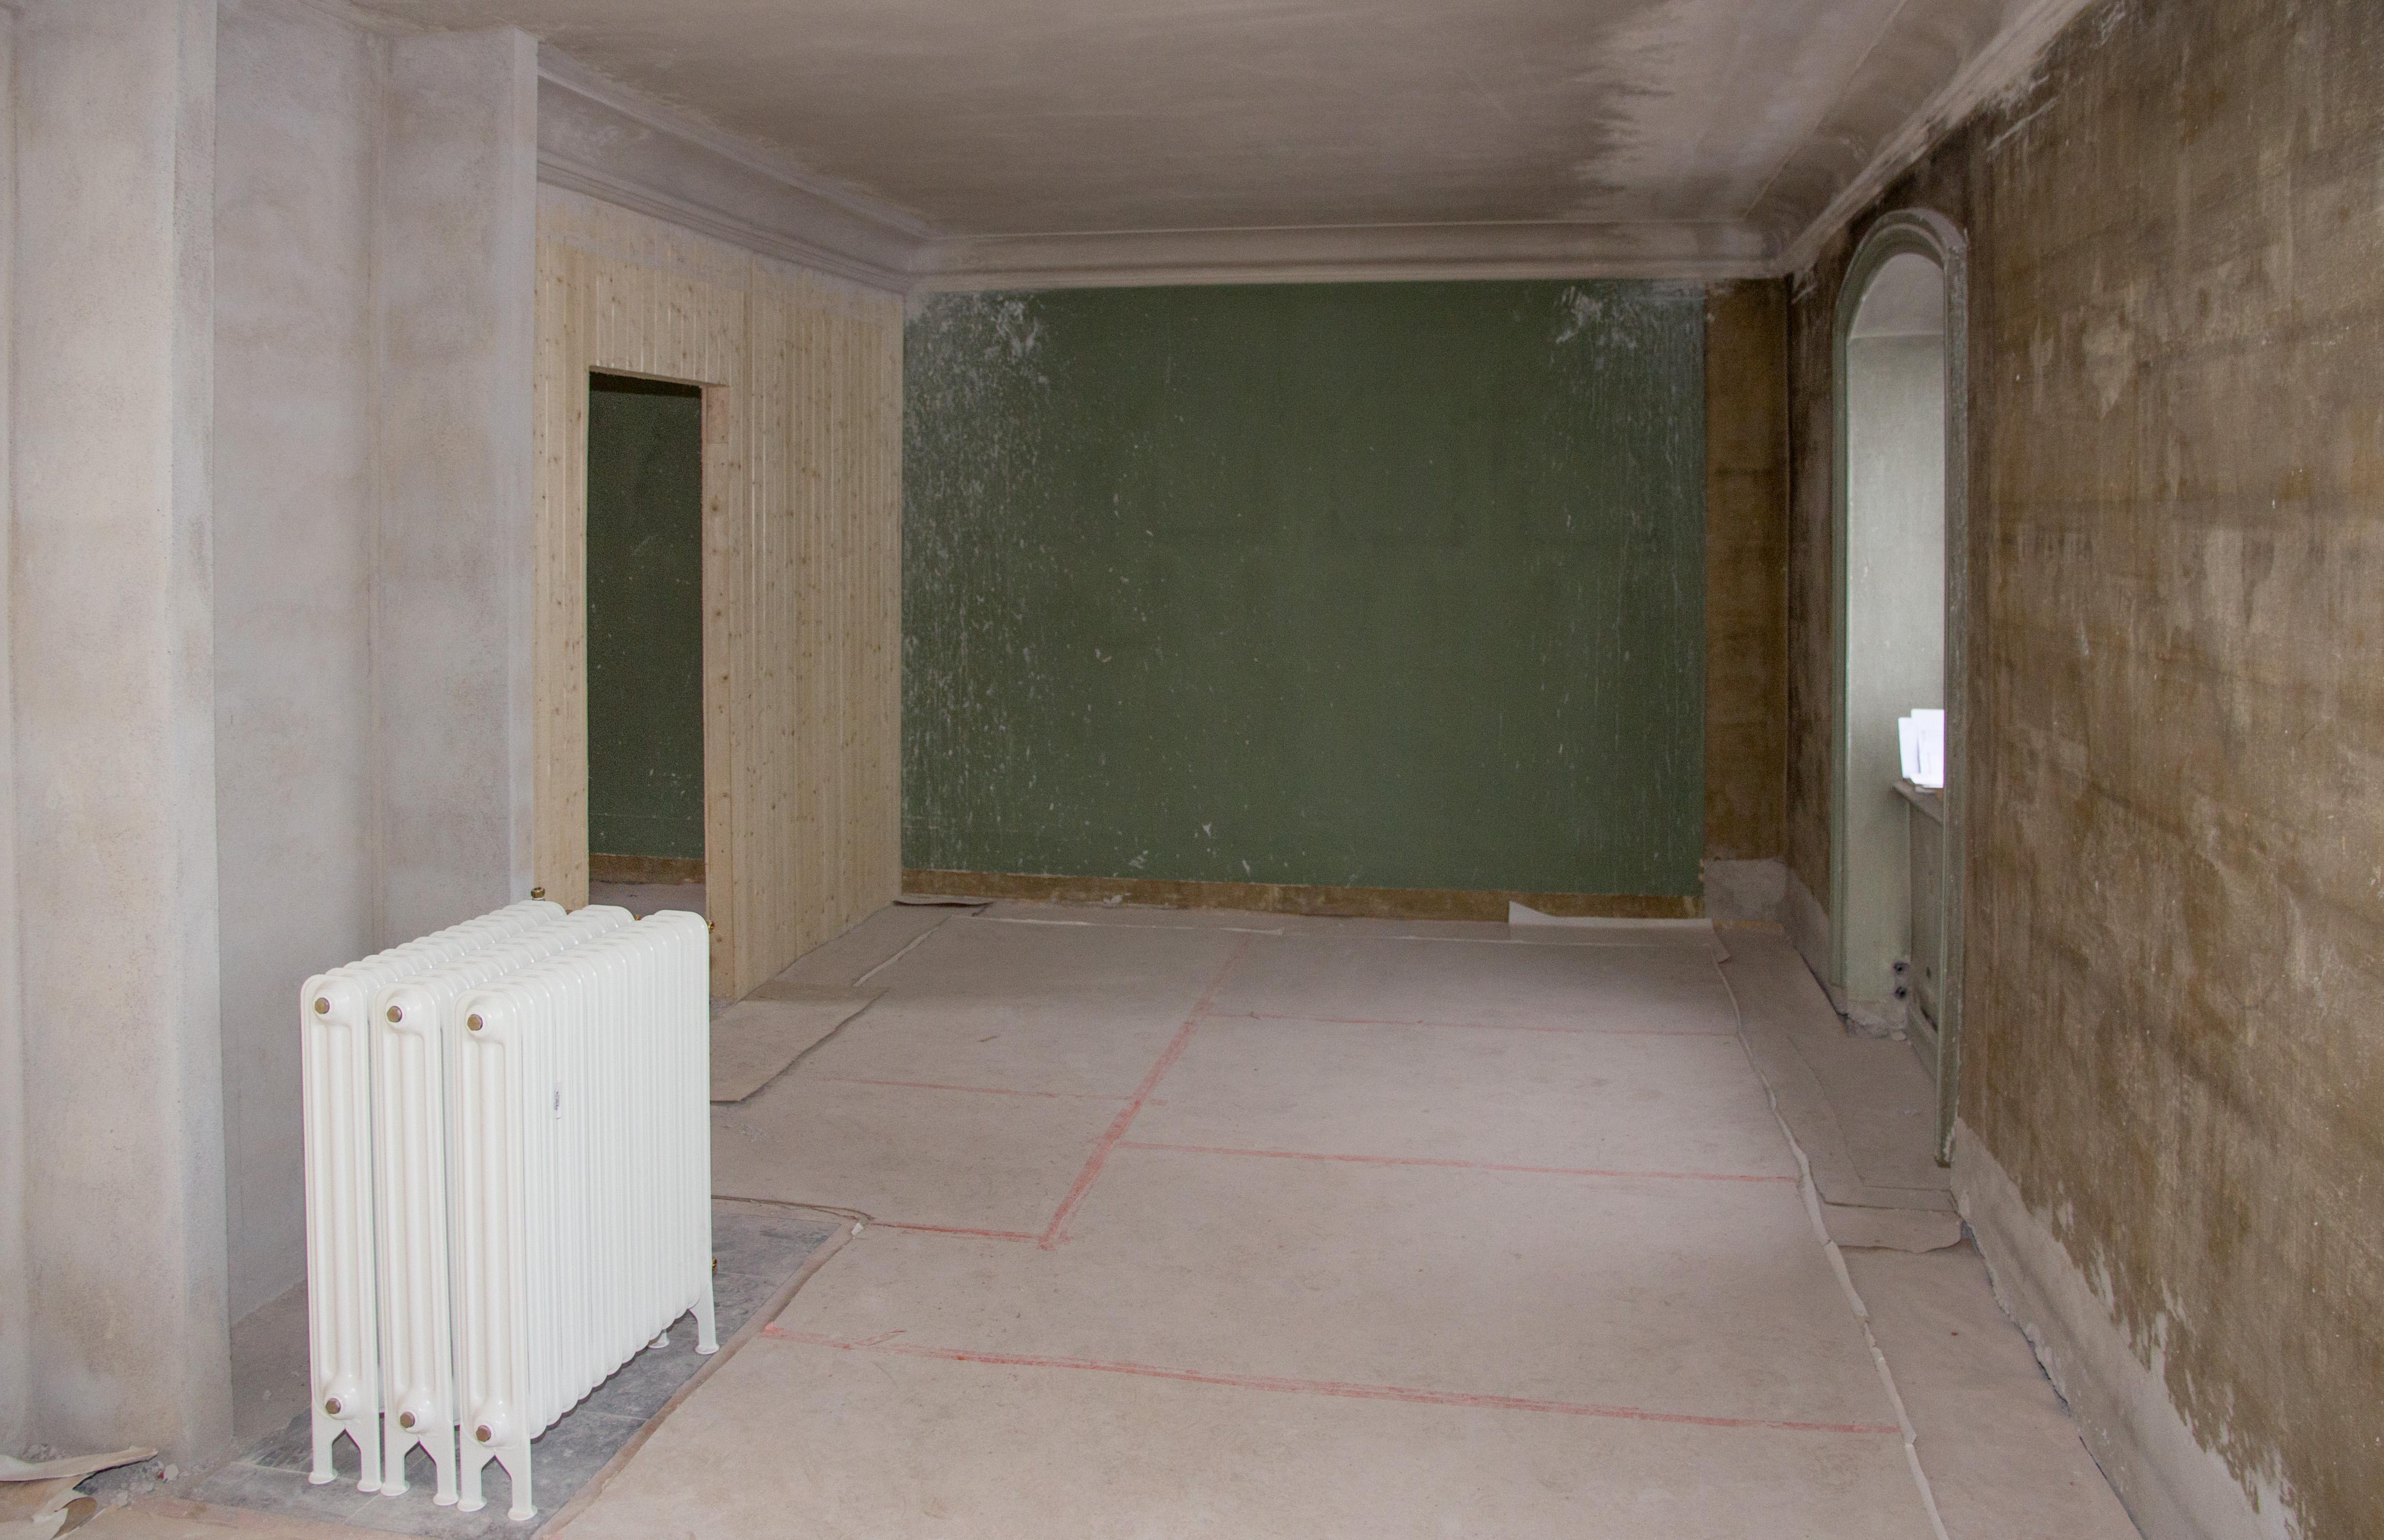 """Det nya """"Rummet öster om salen"""" under pågående byggnation, sett ifrån dörröppningen mot salen. Elementet kommer att monteras i en kakelugn från tiden. Foto: Tomas Wiedersheim-Paul"""